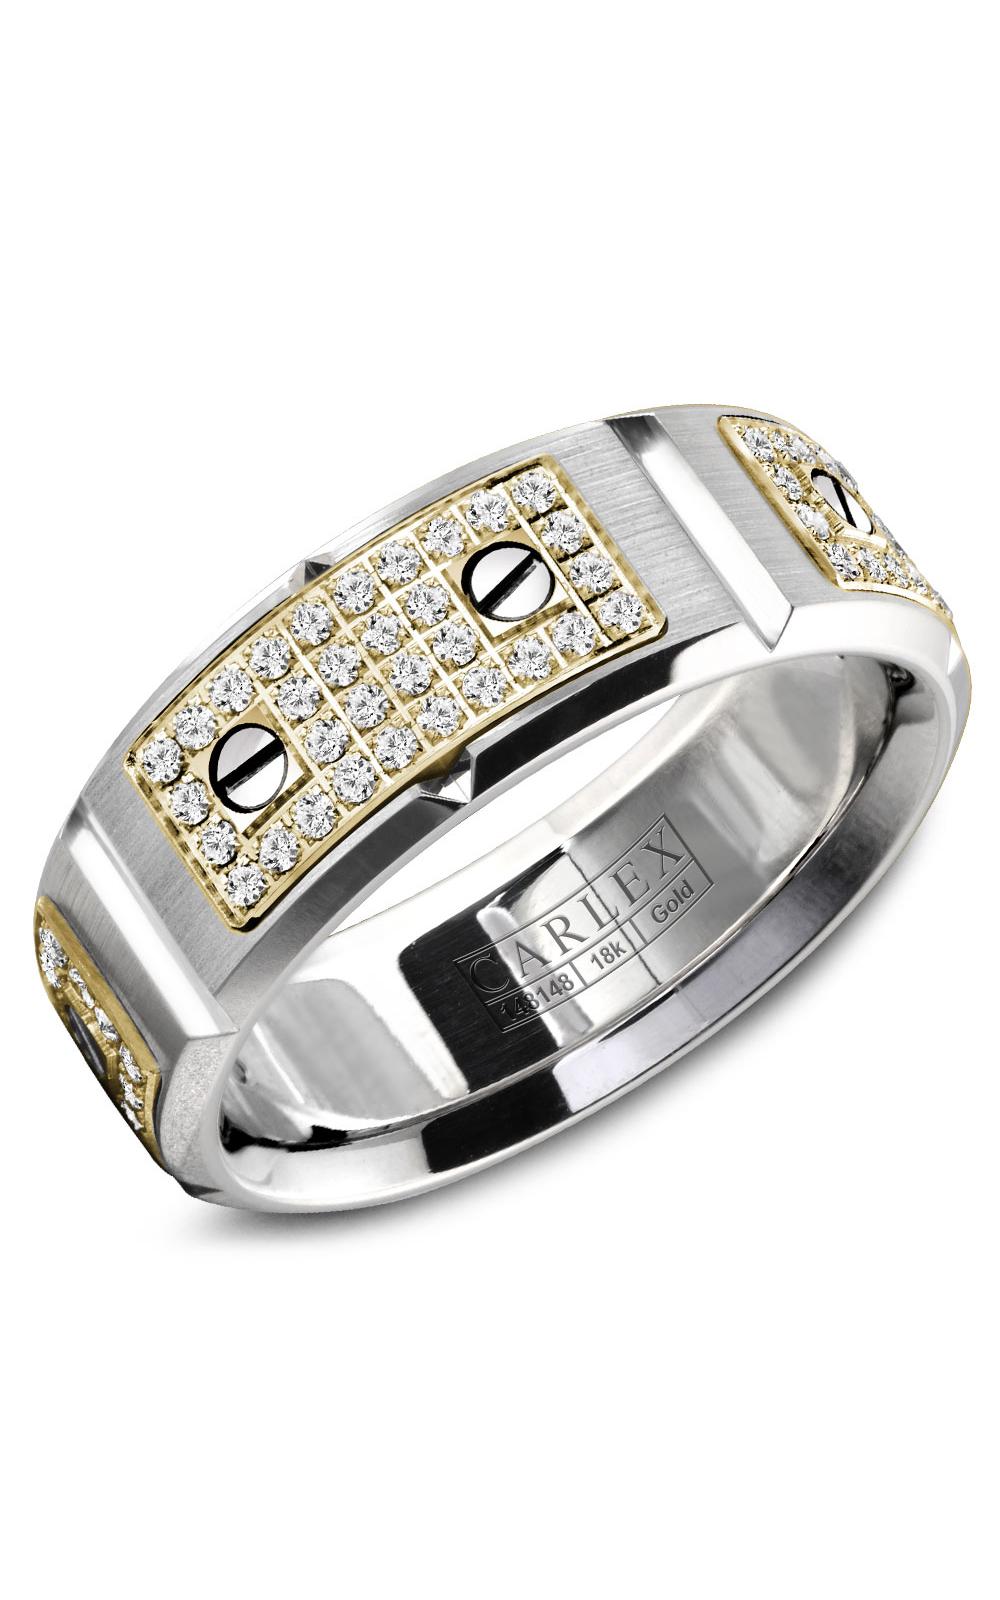 Carlex G2 Men's Wedding Band WB-9585YW product image